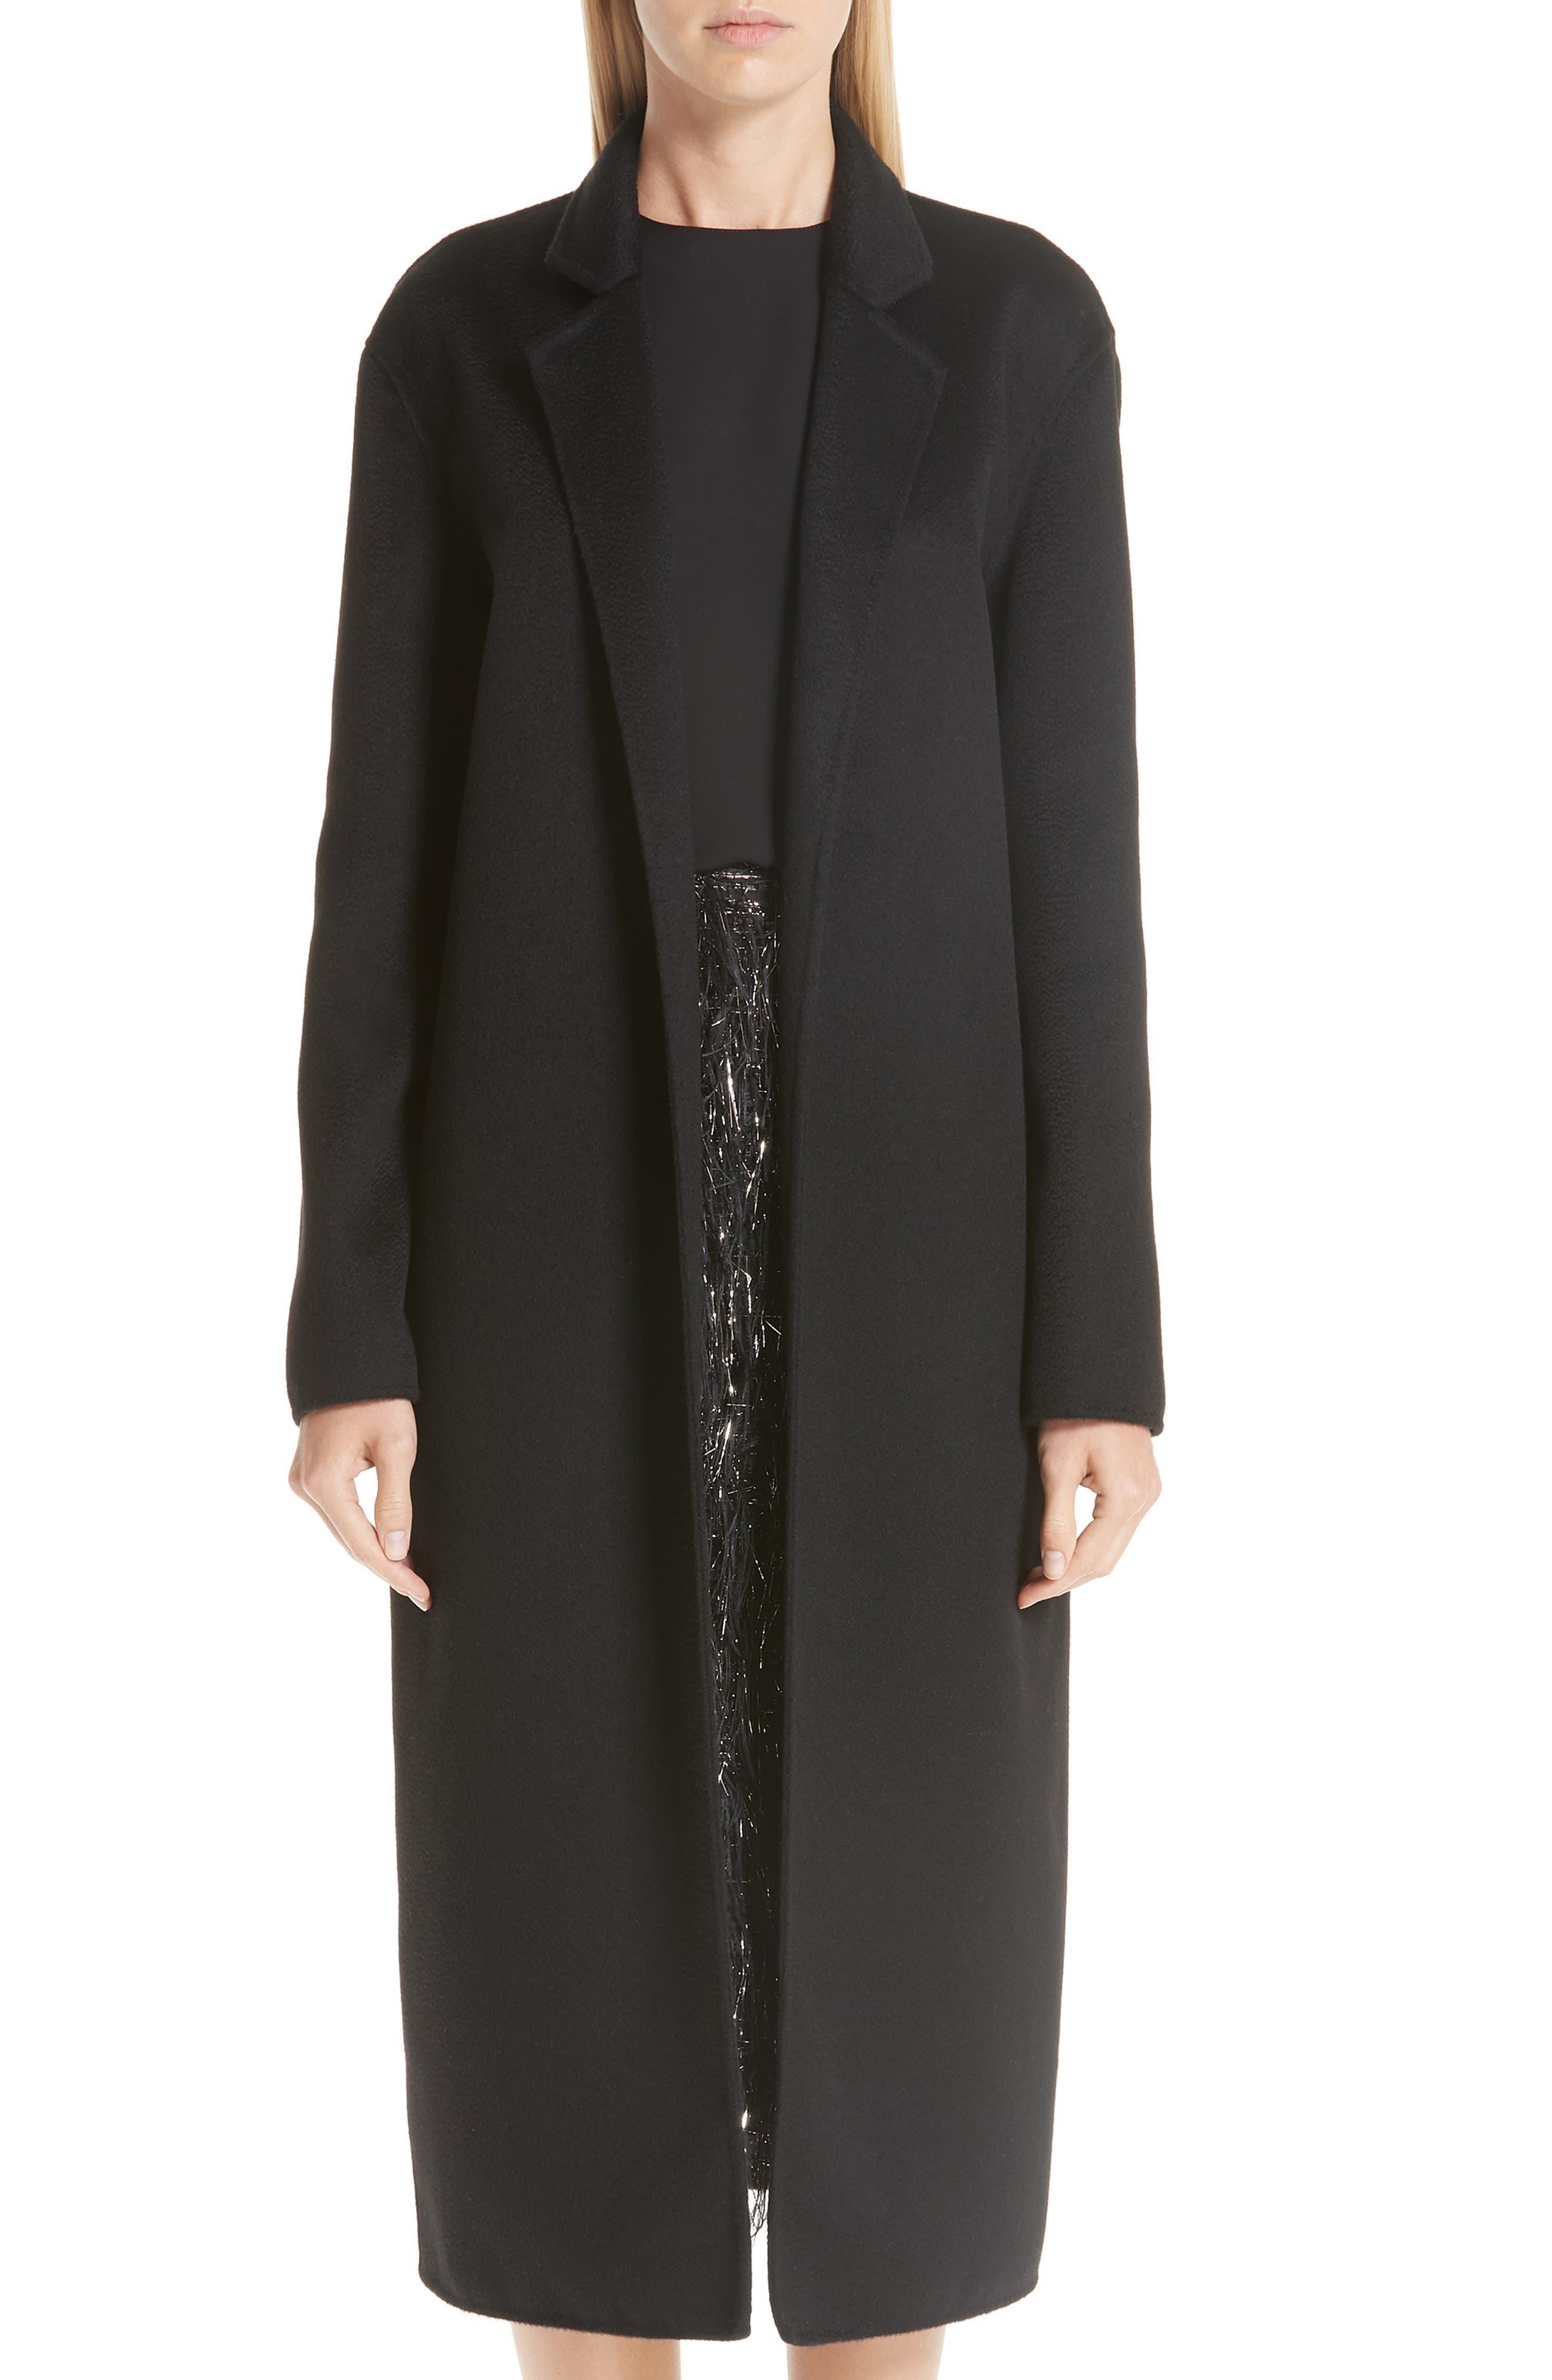 MANSUR GAVRIEL Longline Cashmere Coat, Main, color, 001